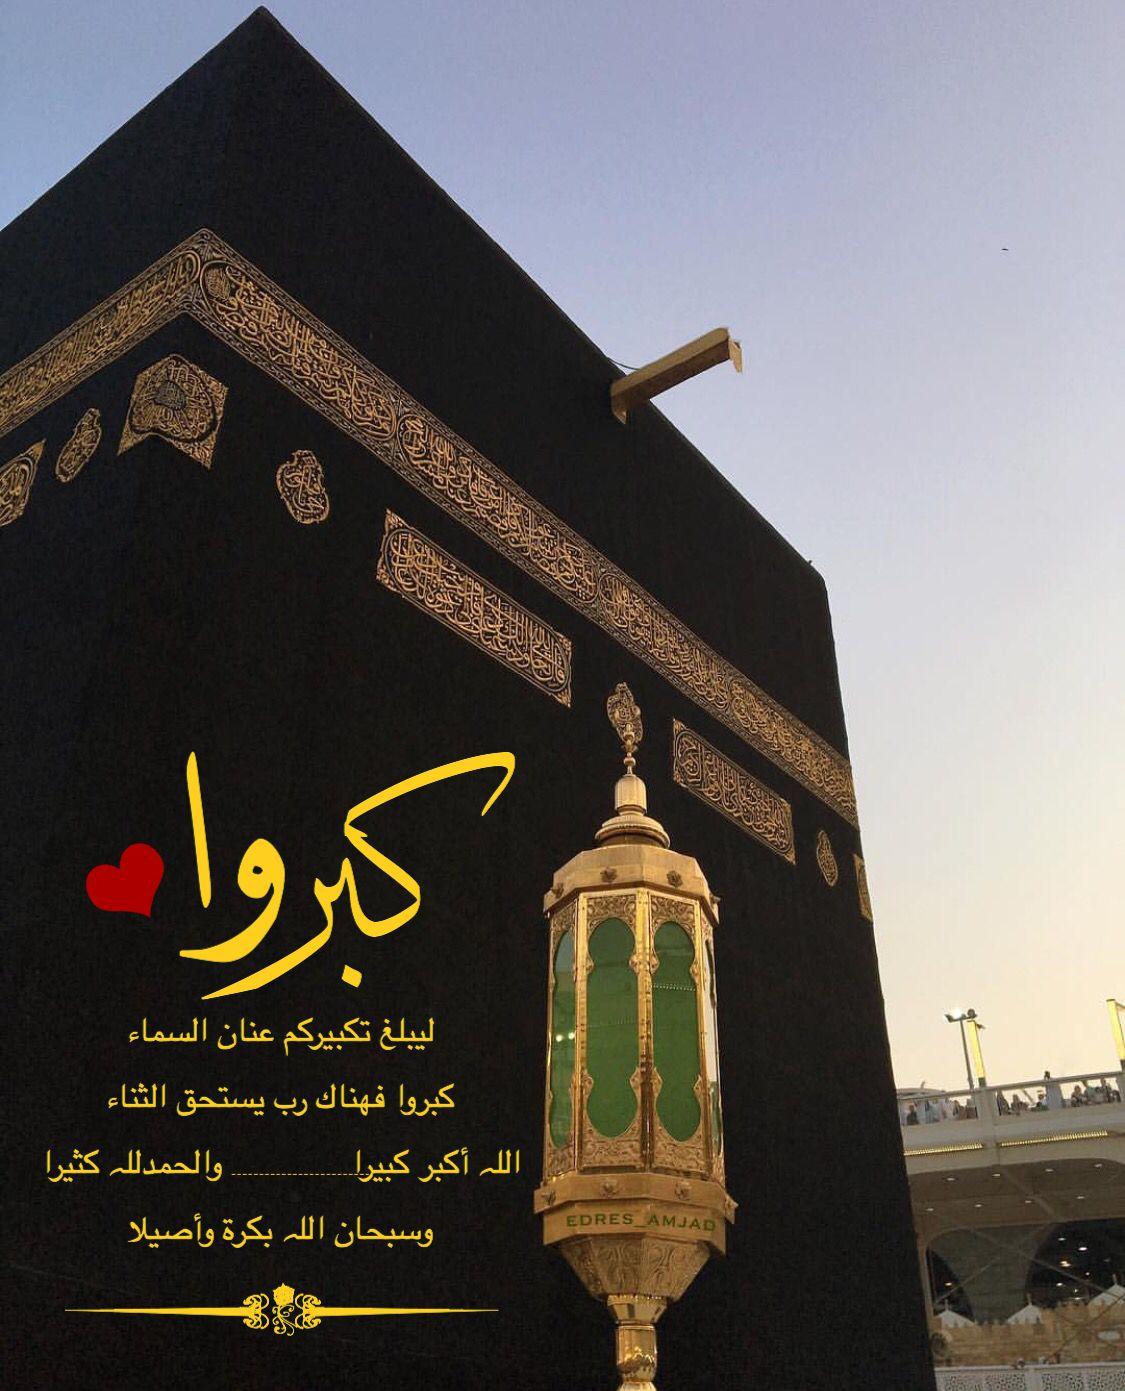 كبروا ليبلغ تكبيركم عنان السماء كبروا فهناك رب يستحق الثناء اللہ أكبر كبيرا والحمدللہ كثيرا وسبحان اللہ بكرة وأصيلا Eid Mubarak Islamic Art Photo